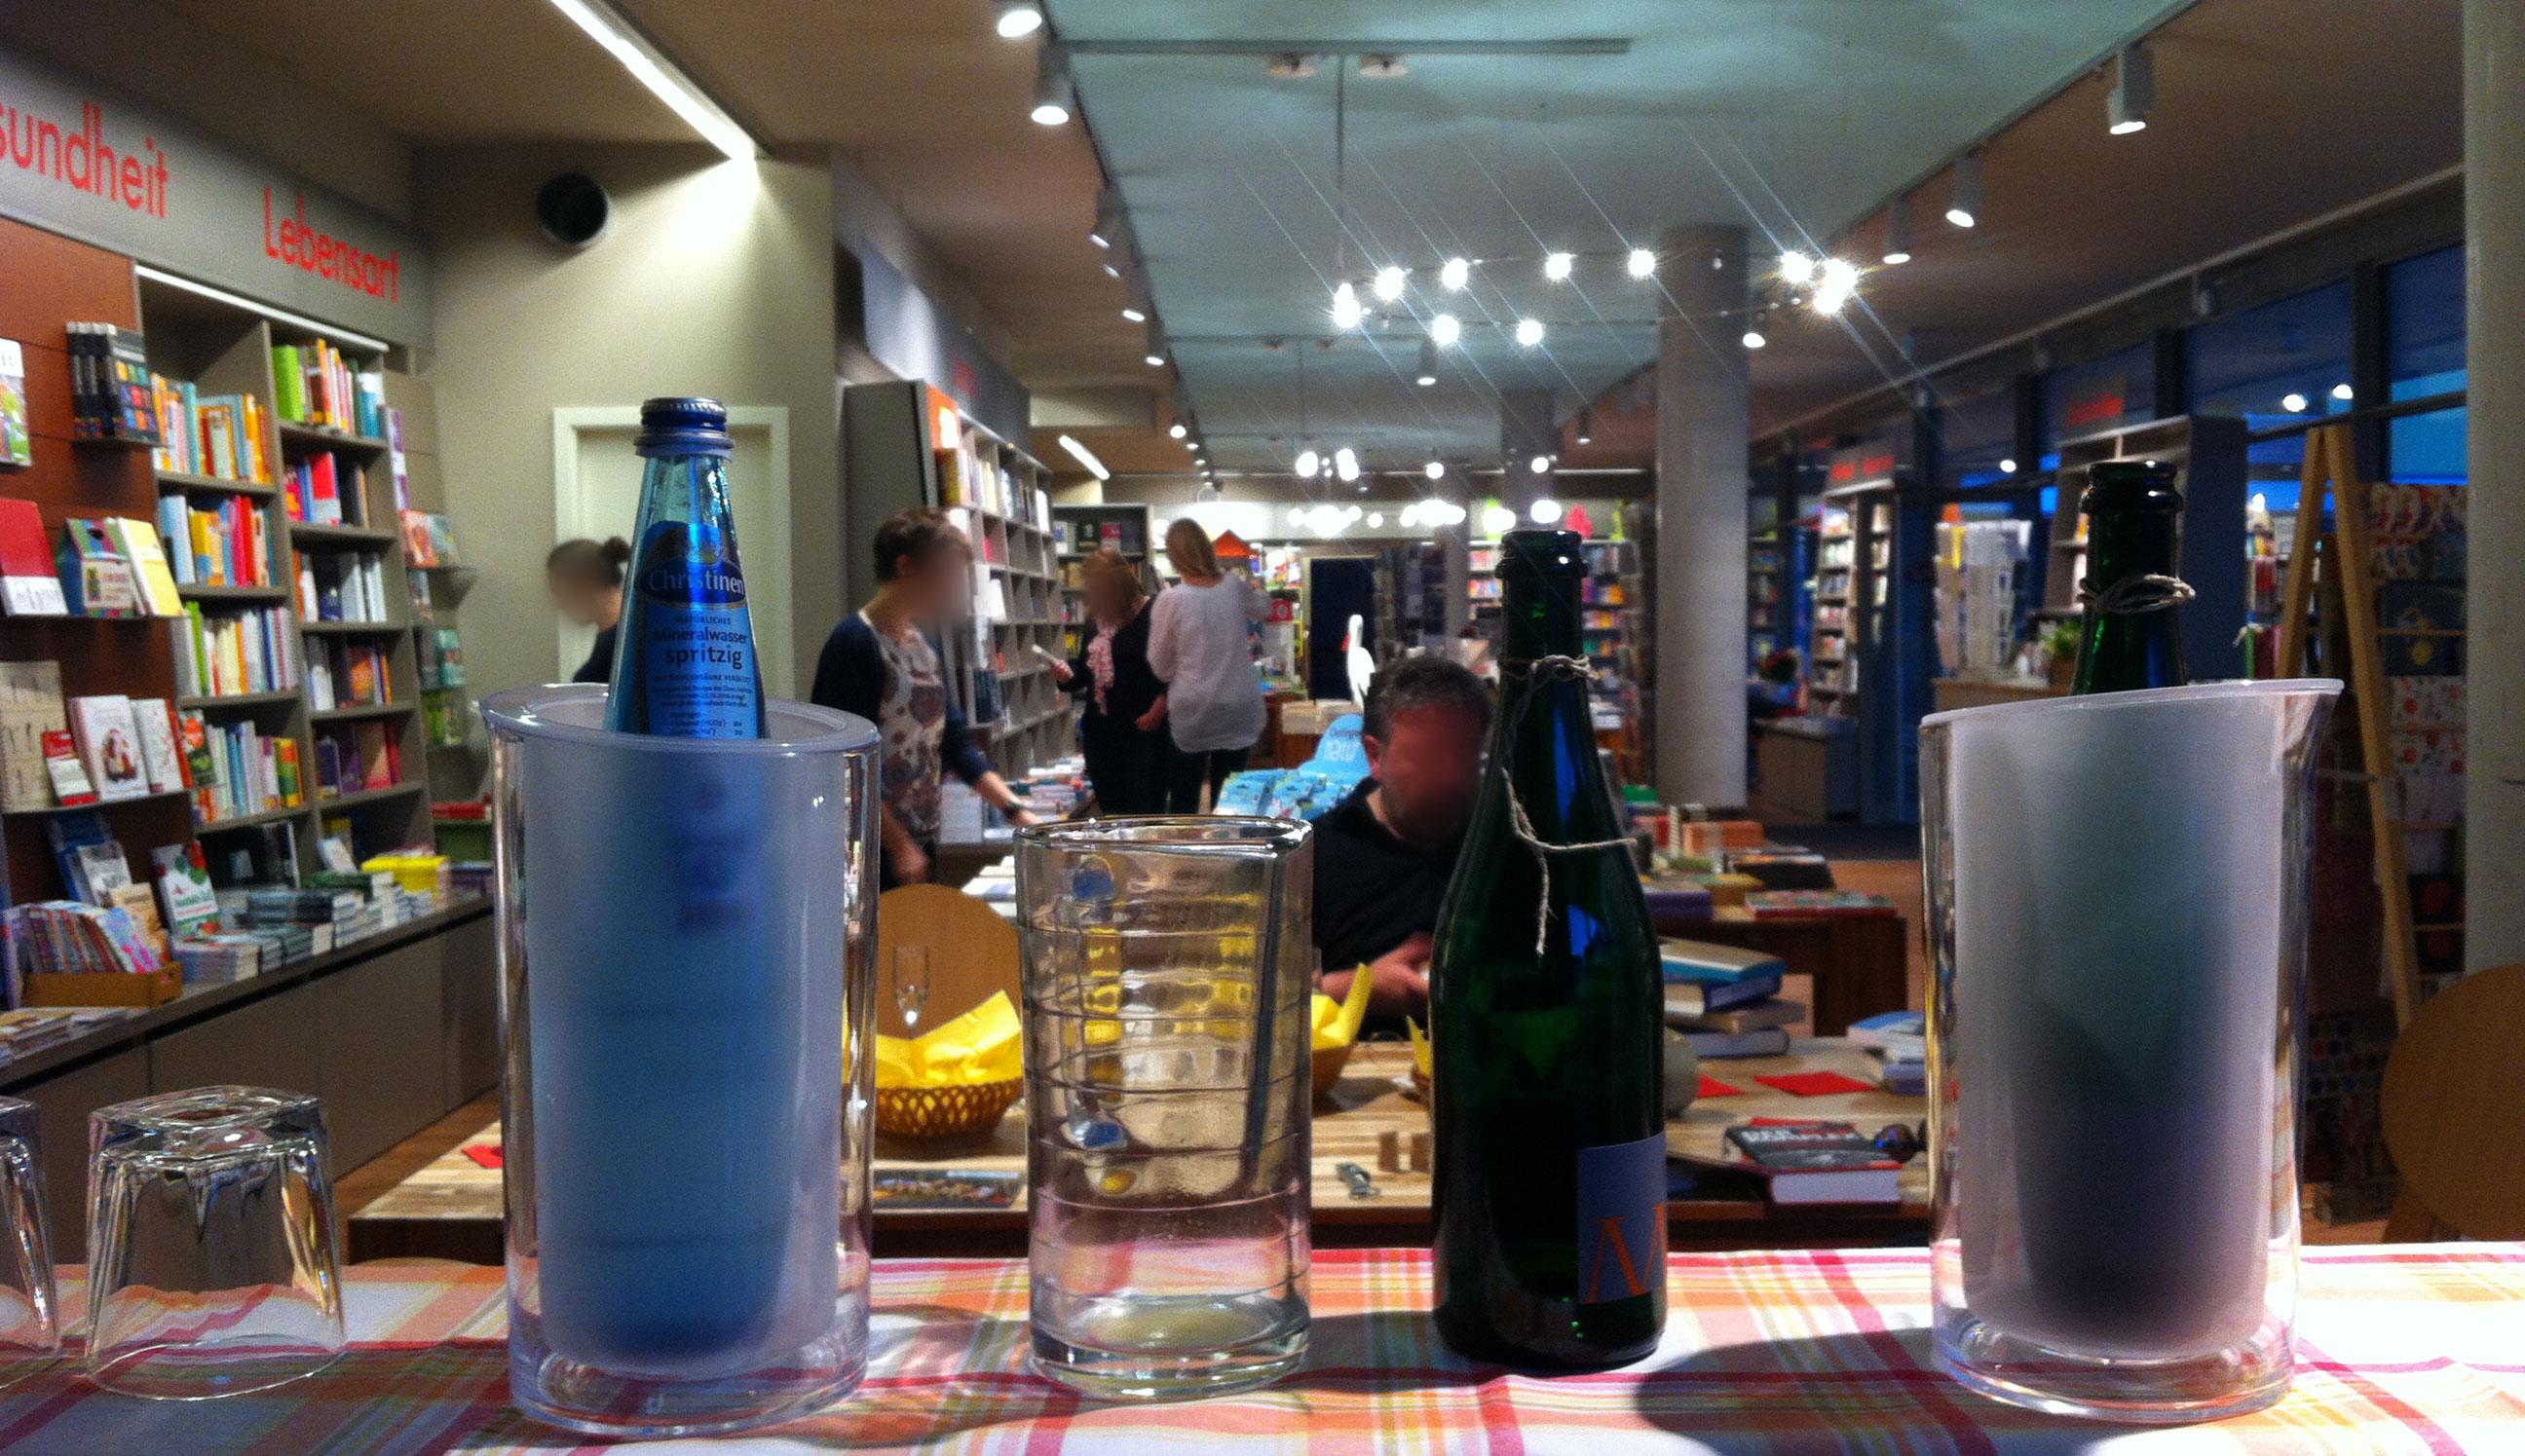 Buchgenuss nach Ladenschluss – entspannt lesen in Ingelheim